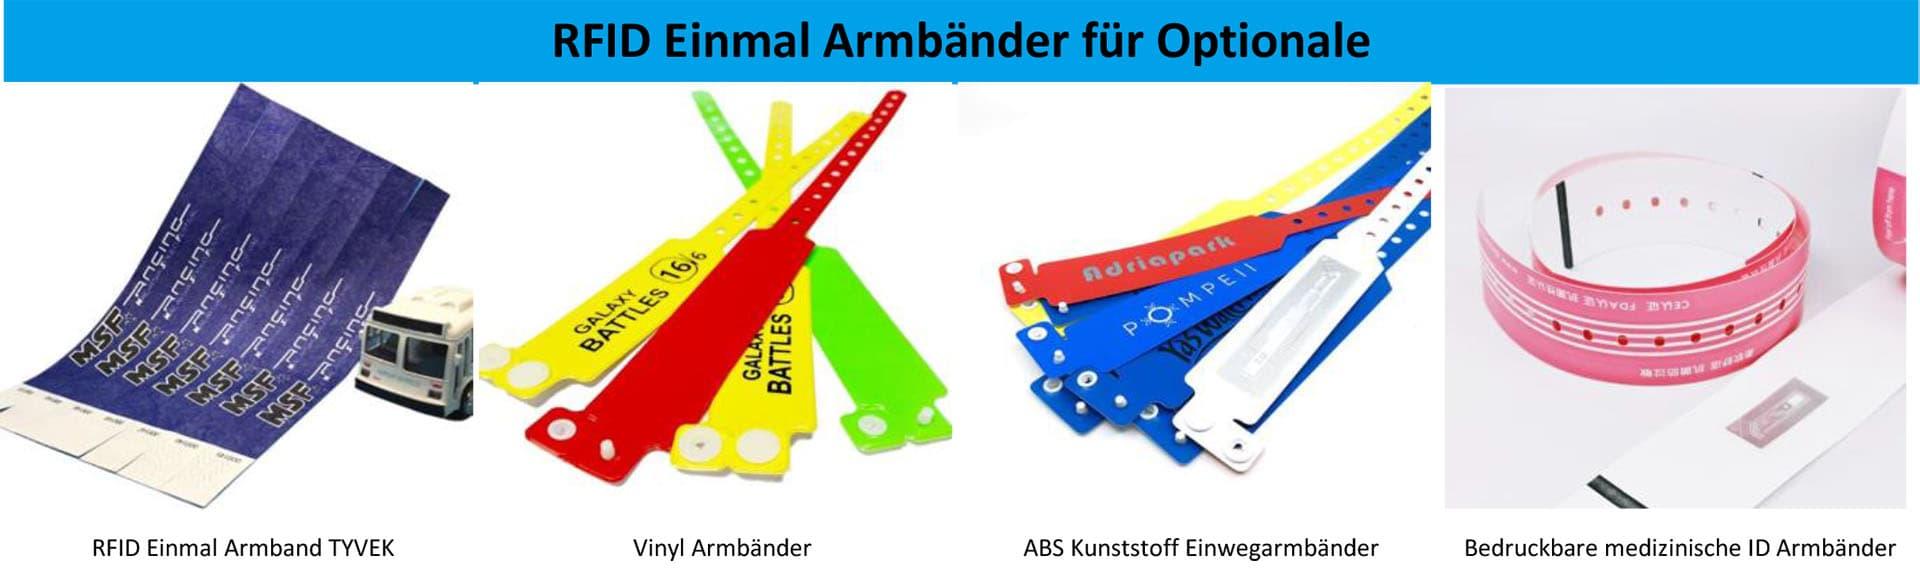 RFID Einmal Armbänder für Optionale